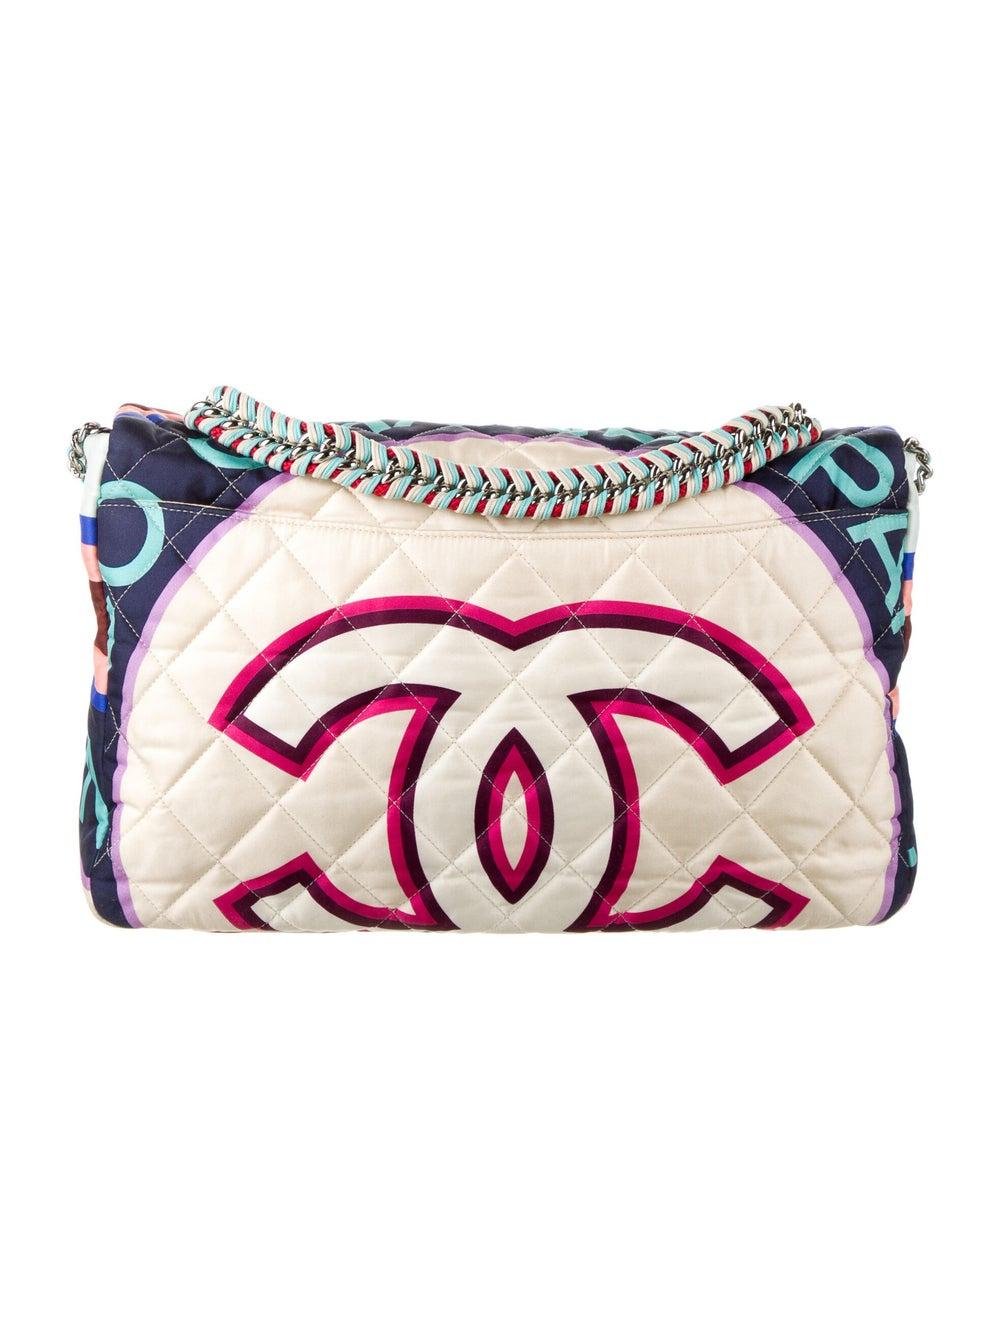 Chanel Large Fabric Foulard Flap Bag Blue - image 4